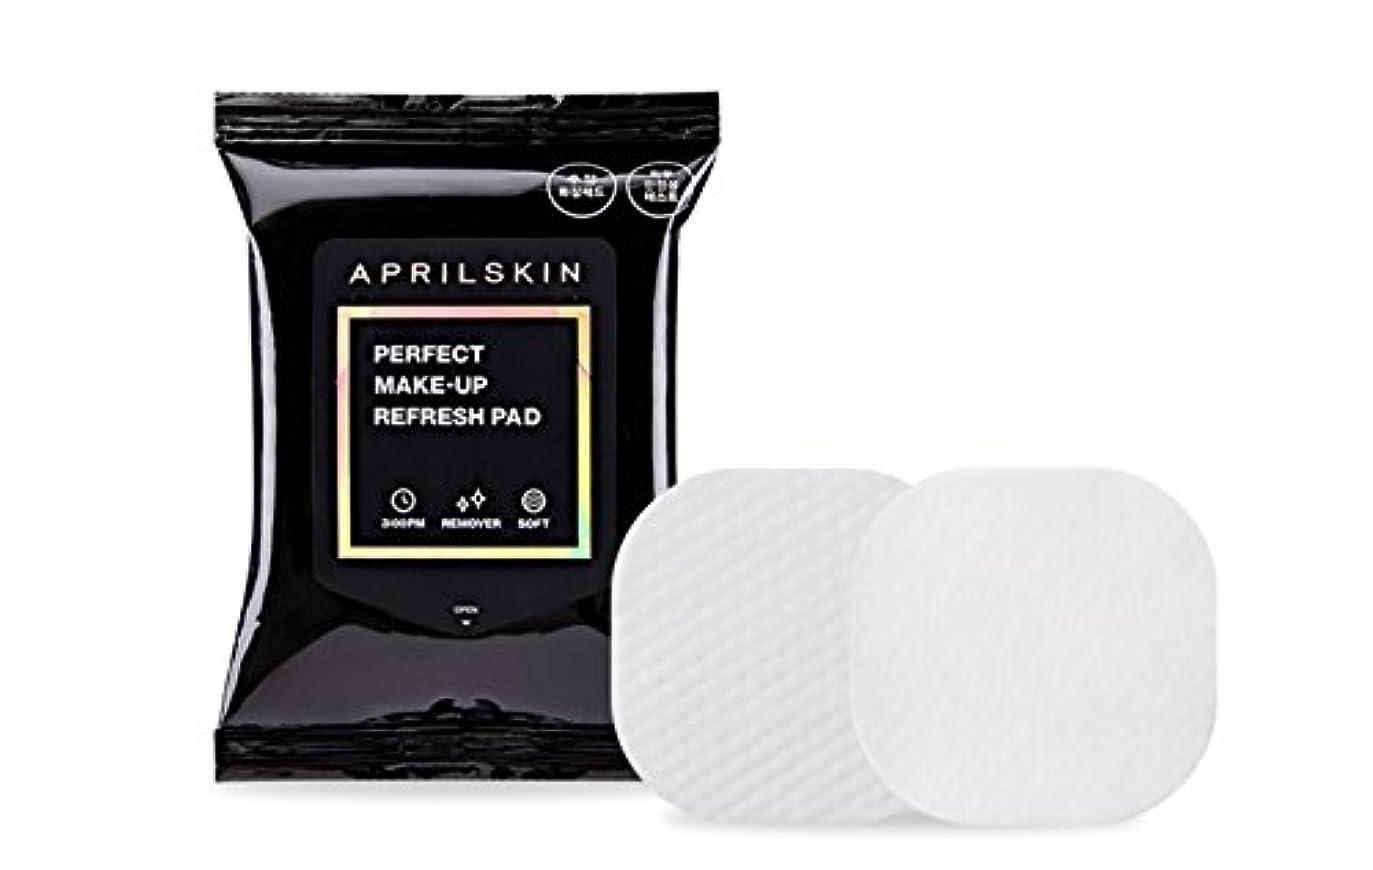 部分的無し規制する[APRILSKIN] エイプリルスキンパーフェクト修正化粧パッド 55g 30枚 / PERFECT MAKE-UP REFRESH PAD [並行輸入品]